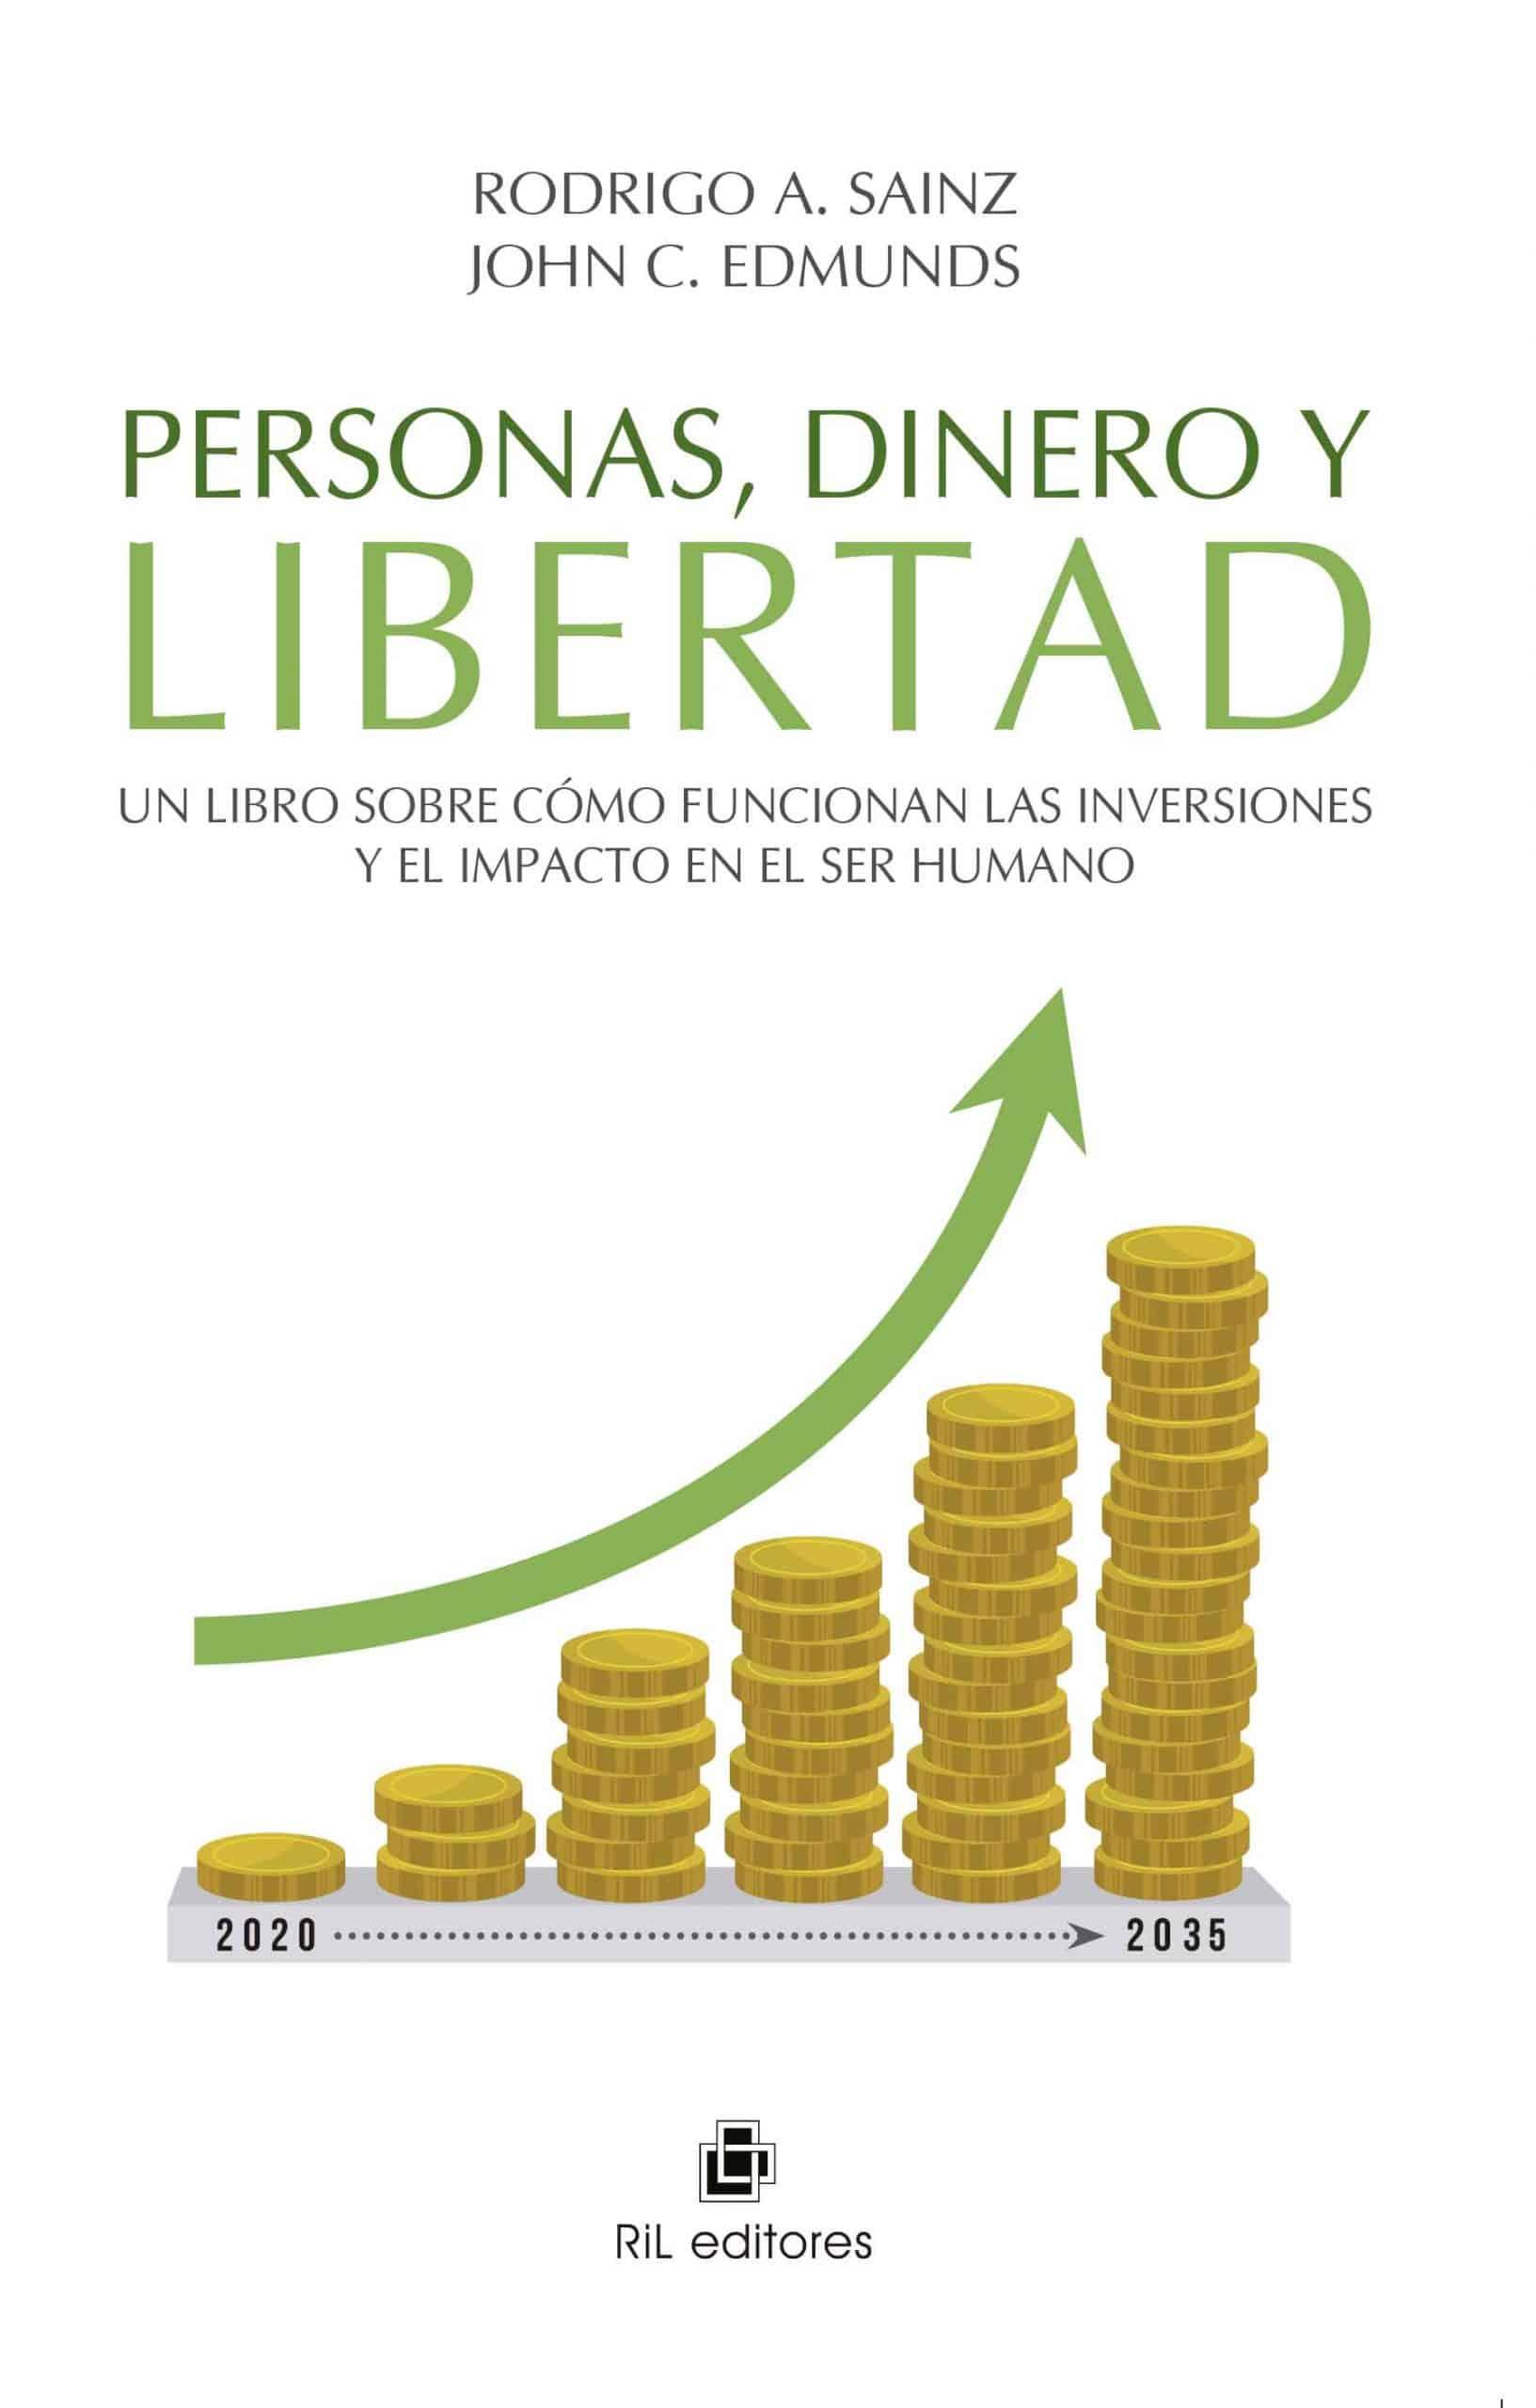 Personas, dinero y libertad: Un libro sobre cómo funcionan las inversiones y el impacto en el ser humano 1